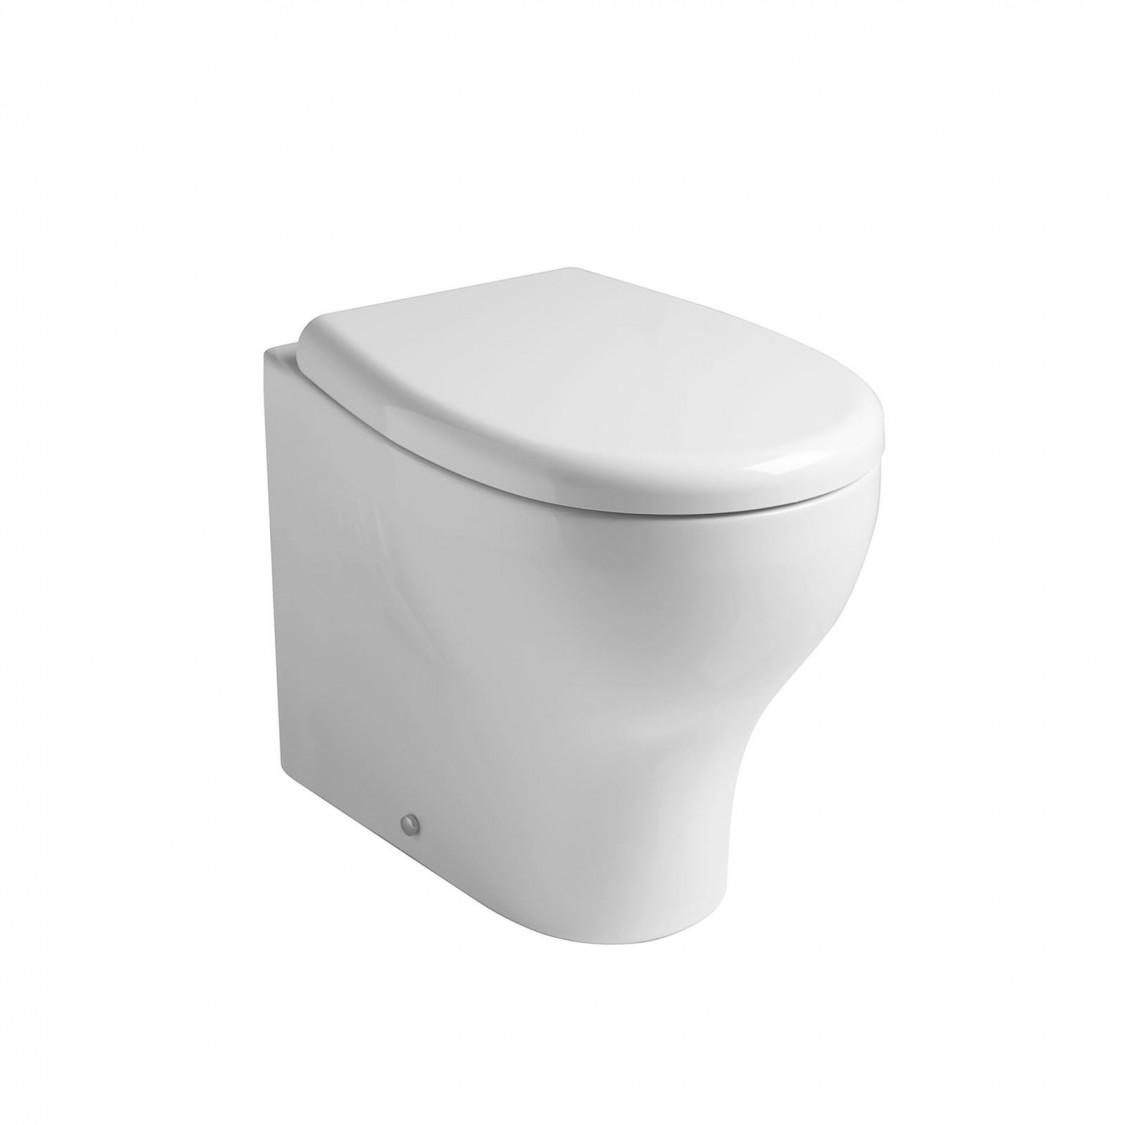 Coppia sanitari a terra filo muro in ceramica bianco lucido con sedile avvolgente